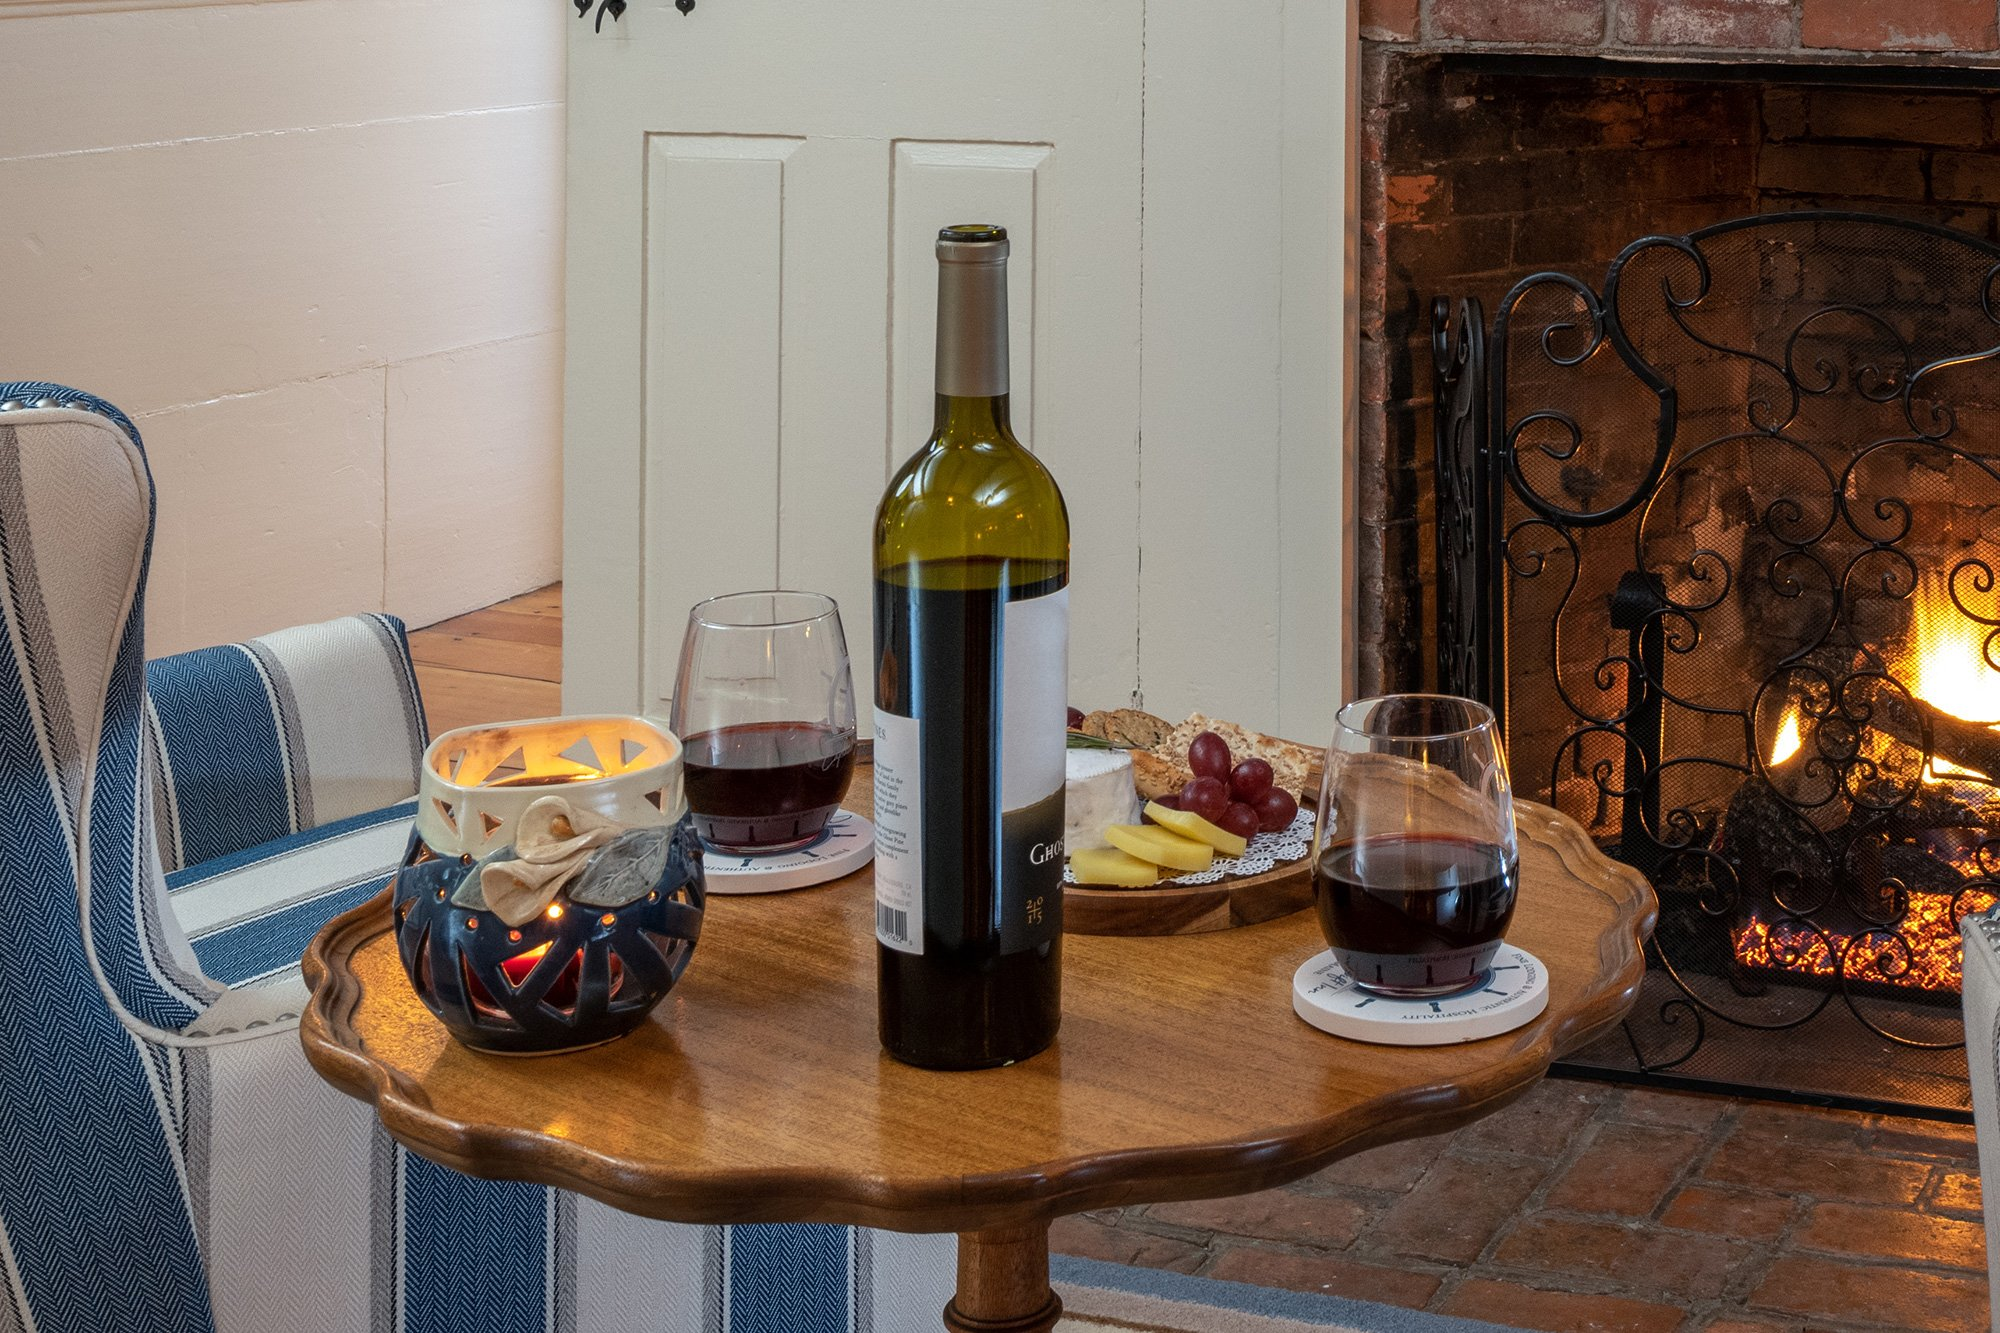 wine on side table